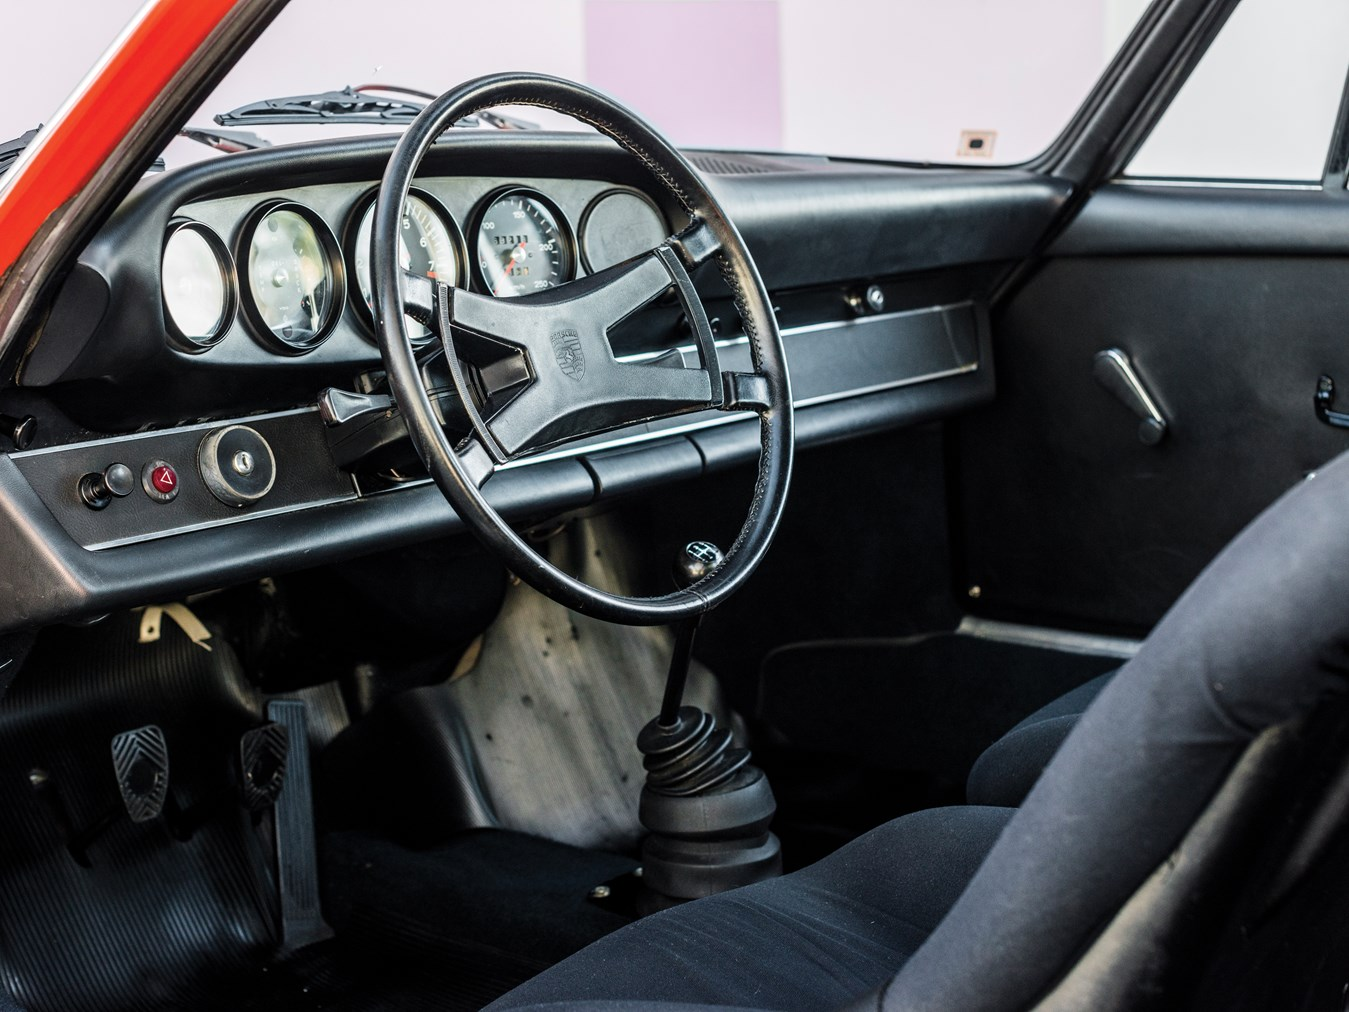 1973 Porsche 911 Carrera RS 2.7 Lightweight